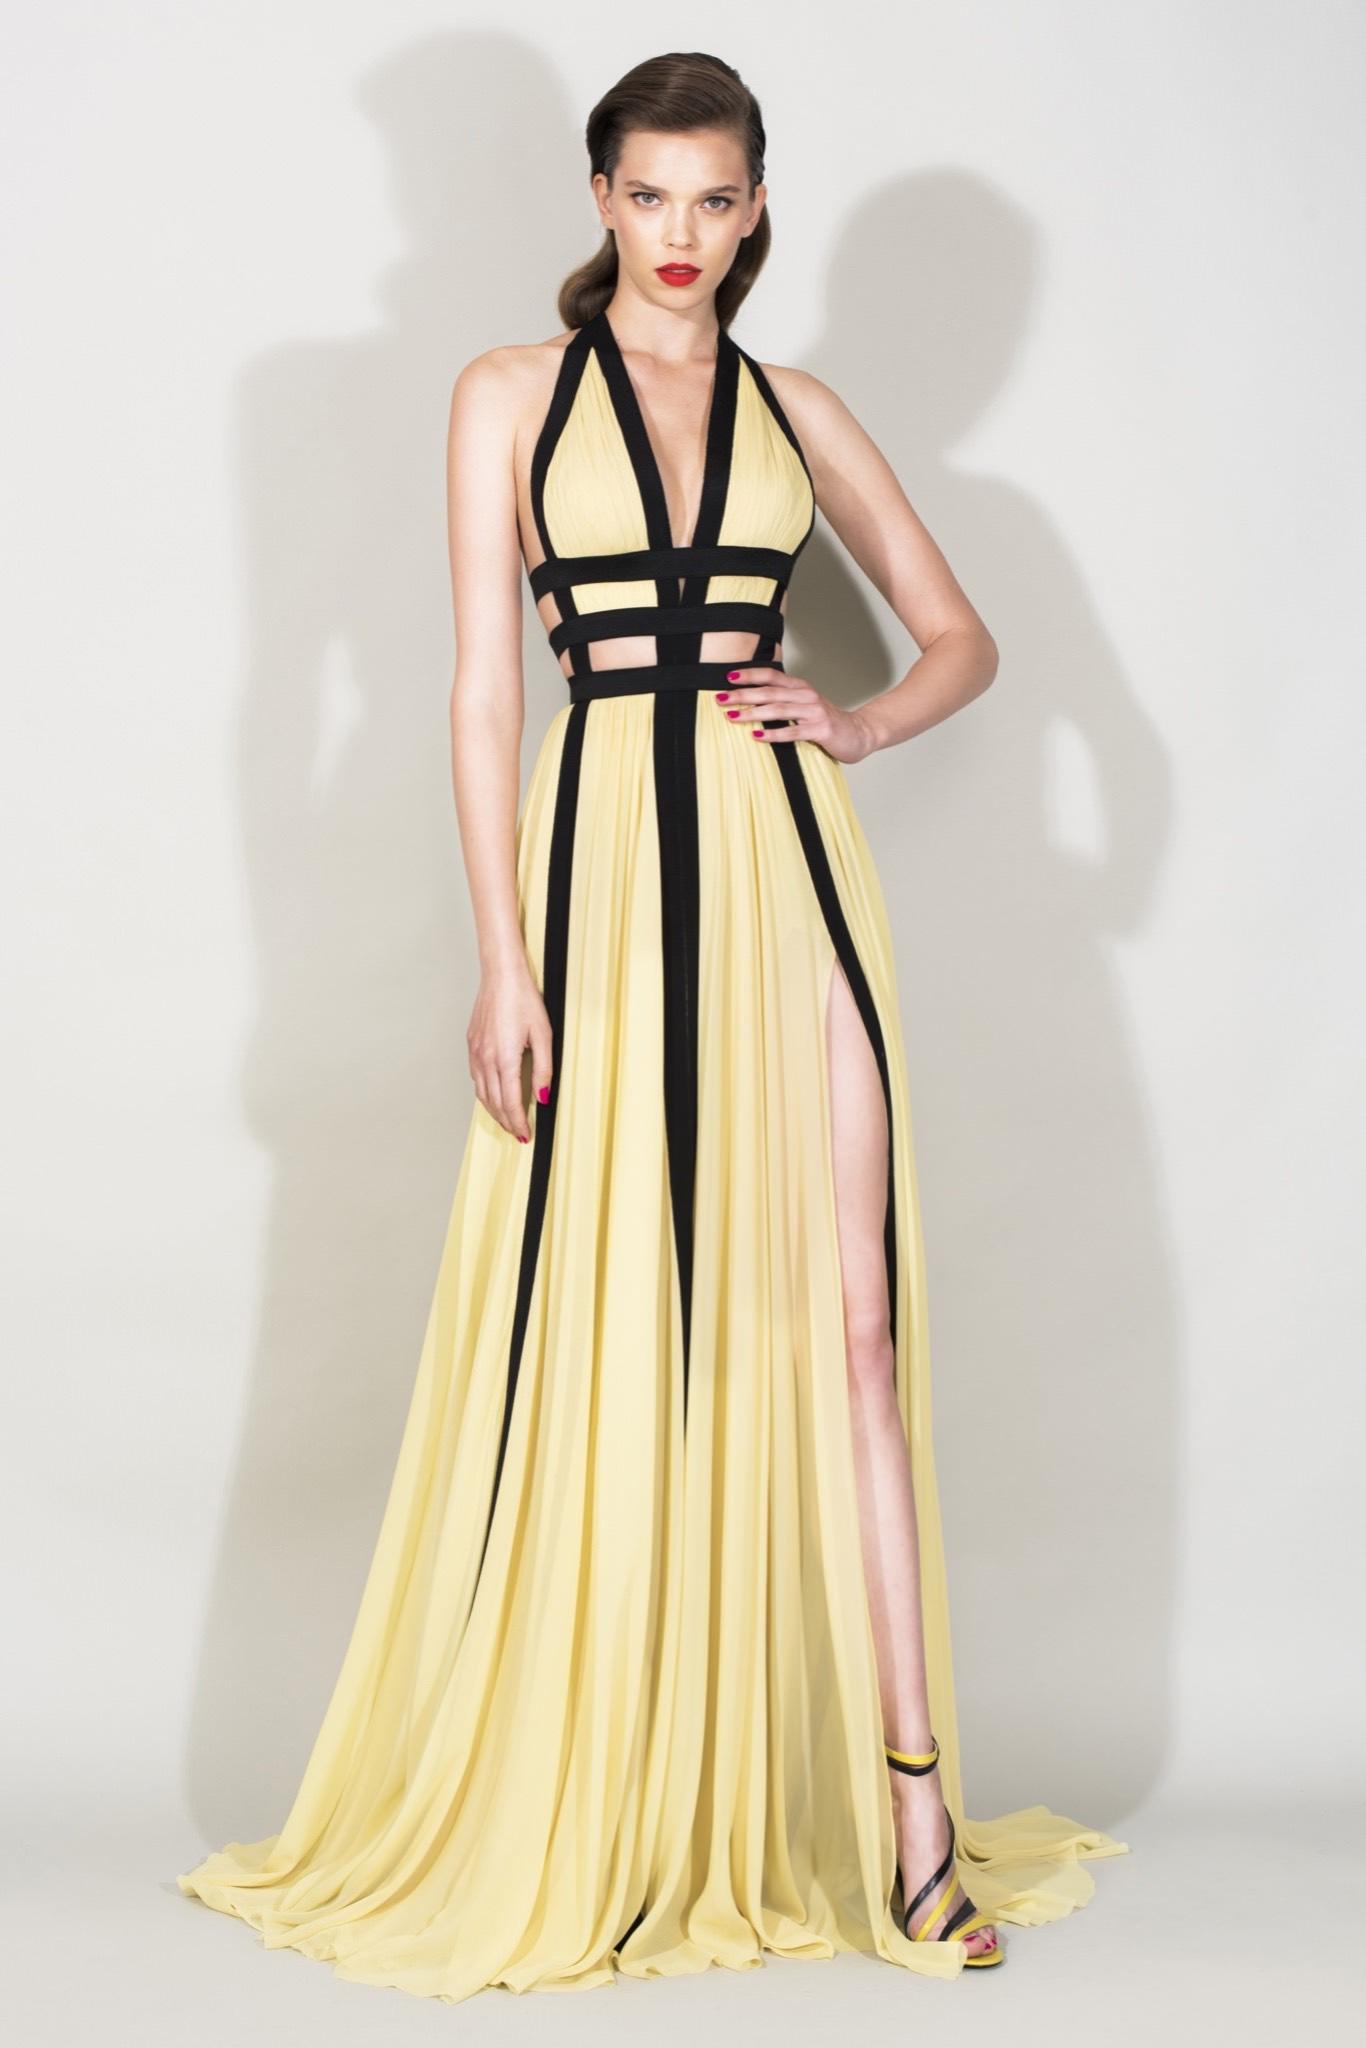 Коллекция юдашкина платья на выпускной бал